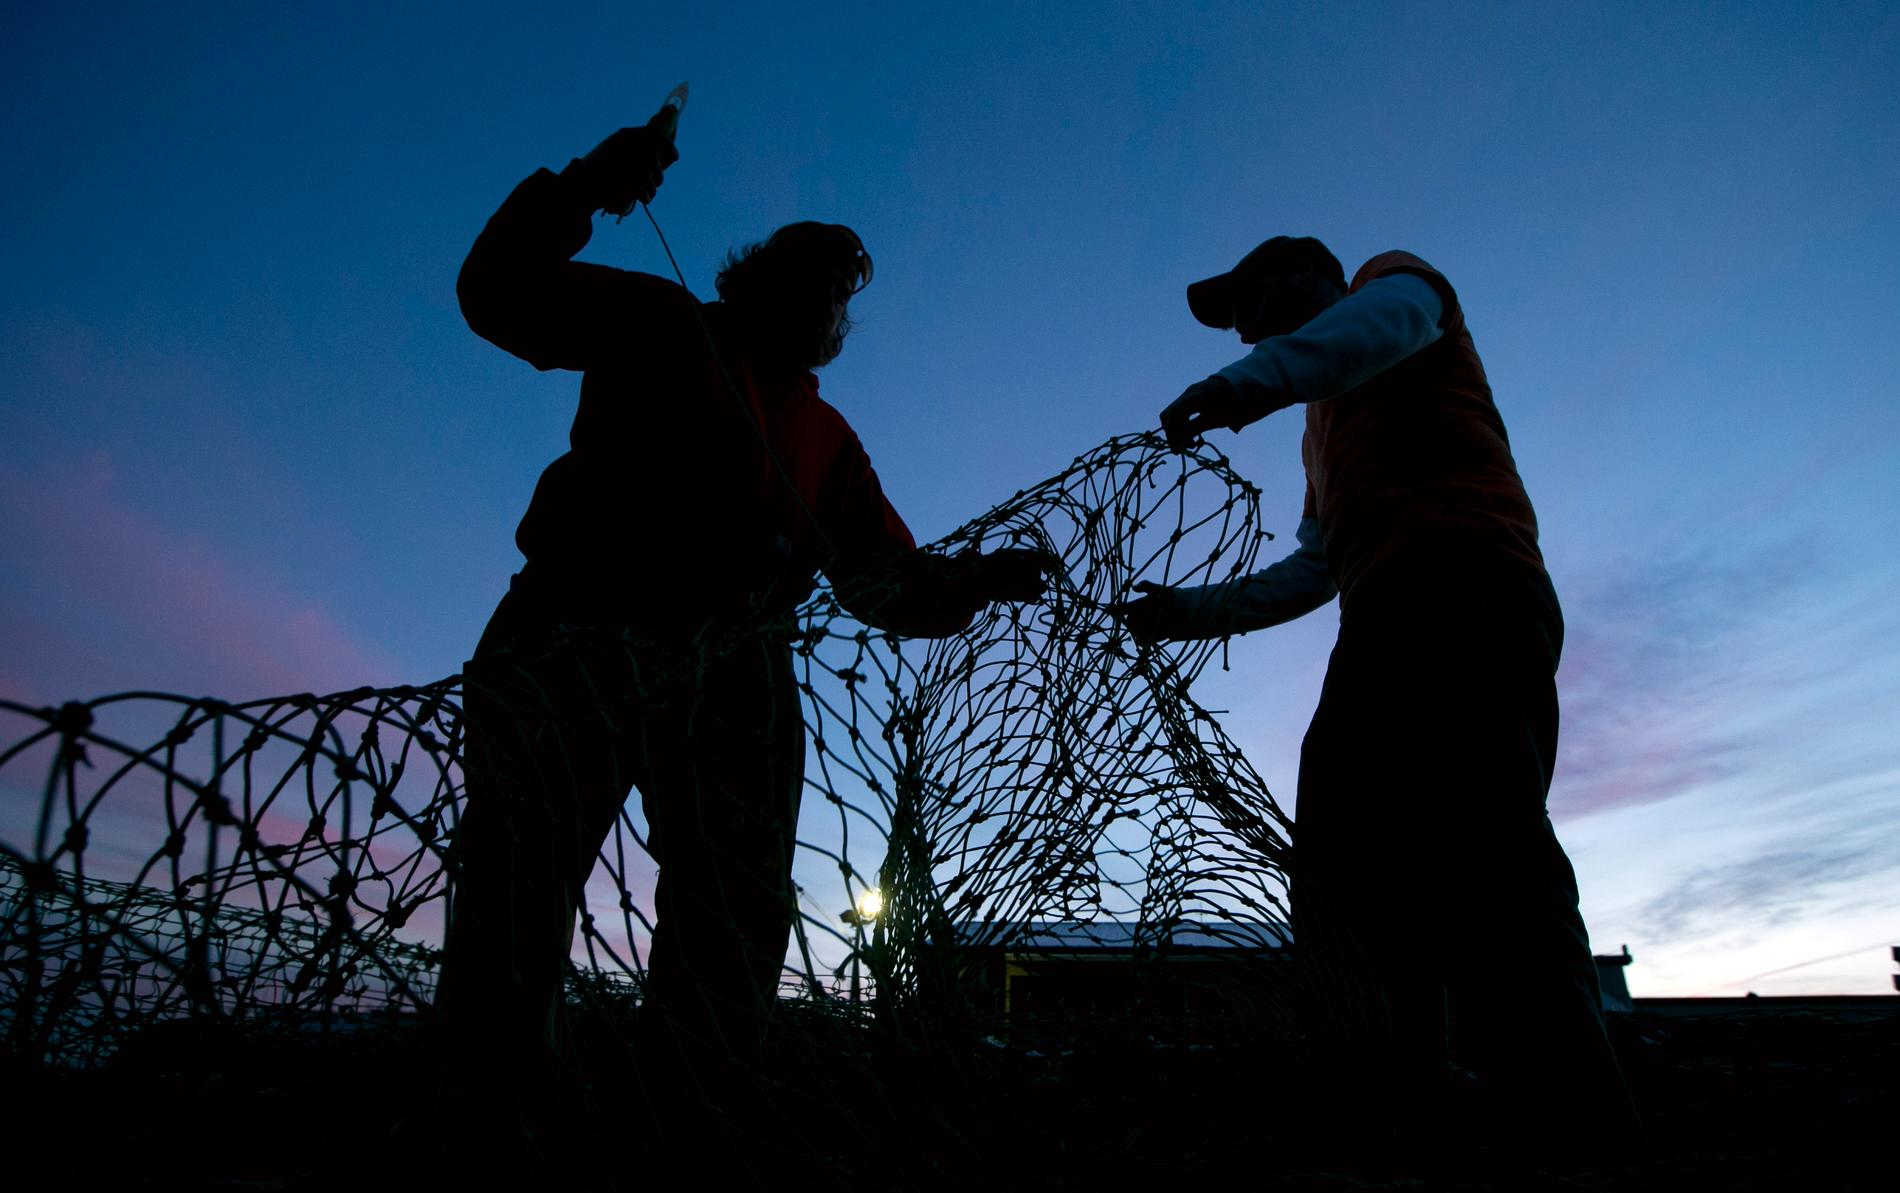 Nätfiske i Bottenhavet ska begränsas, om Havs- och vattenmyndigheten får som den vill. Arkivbild.